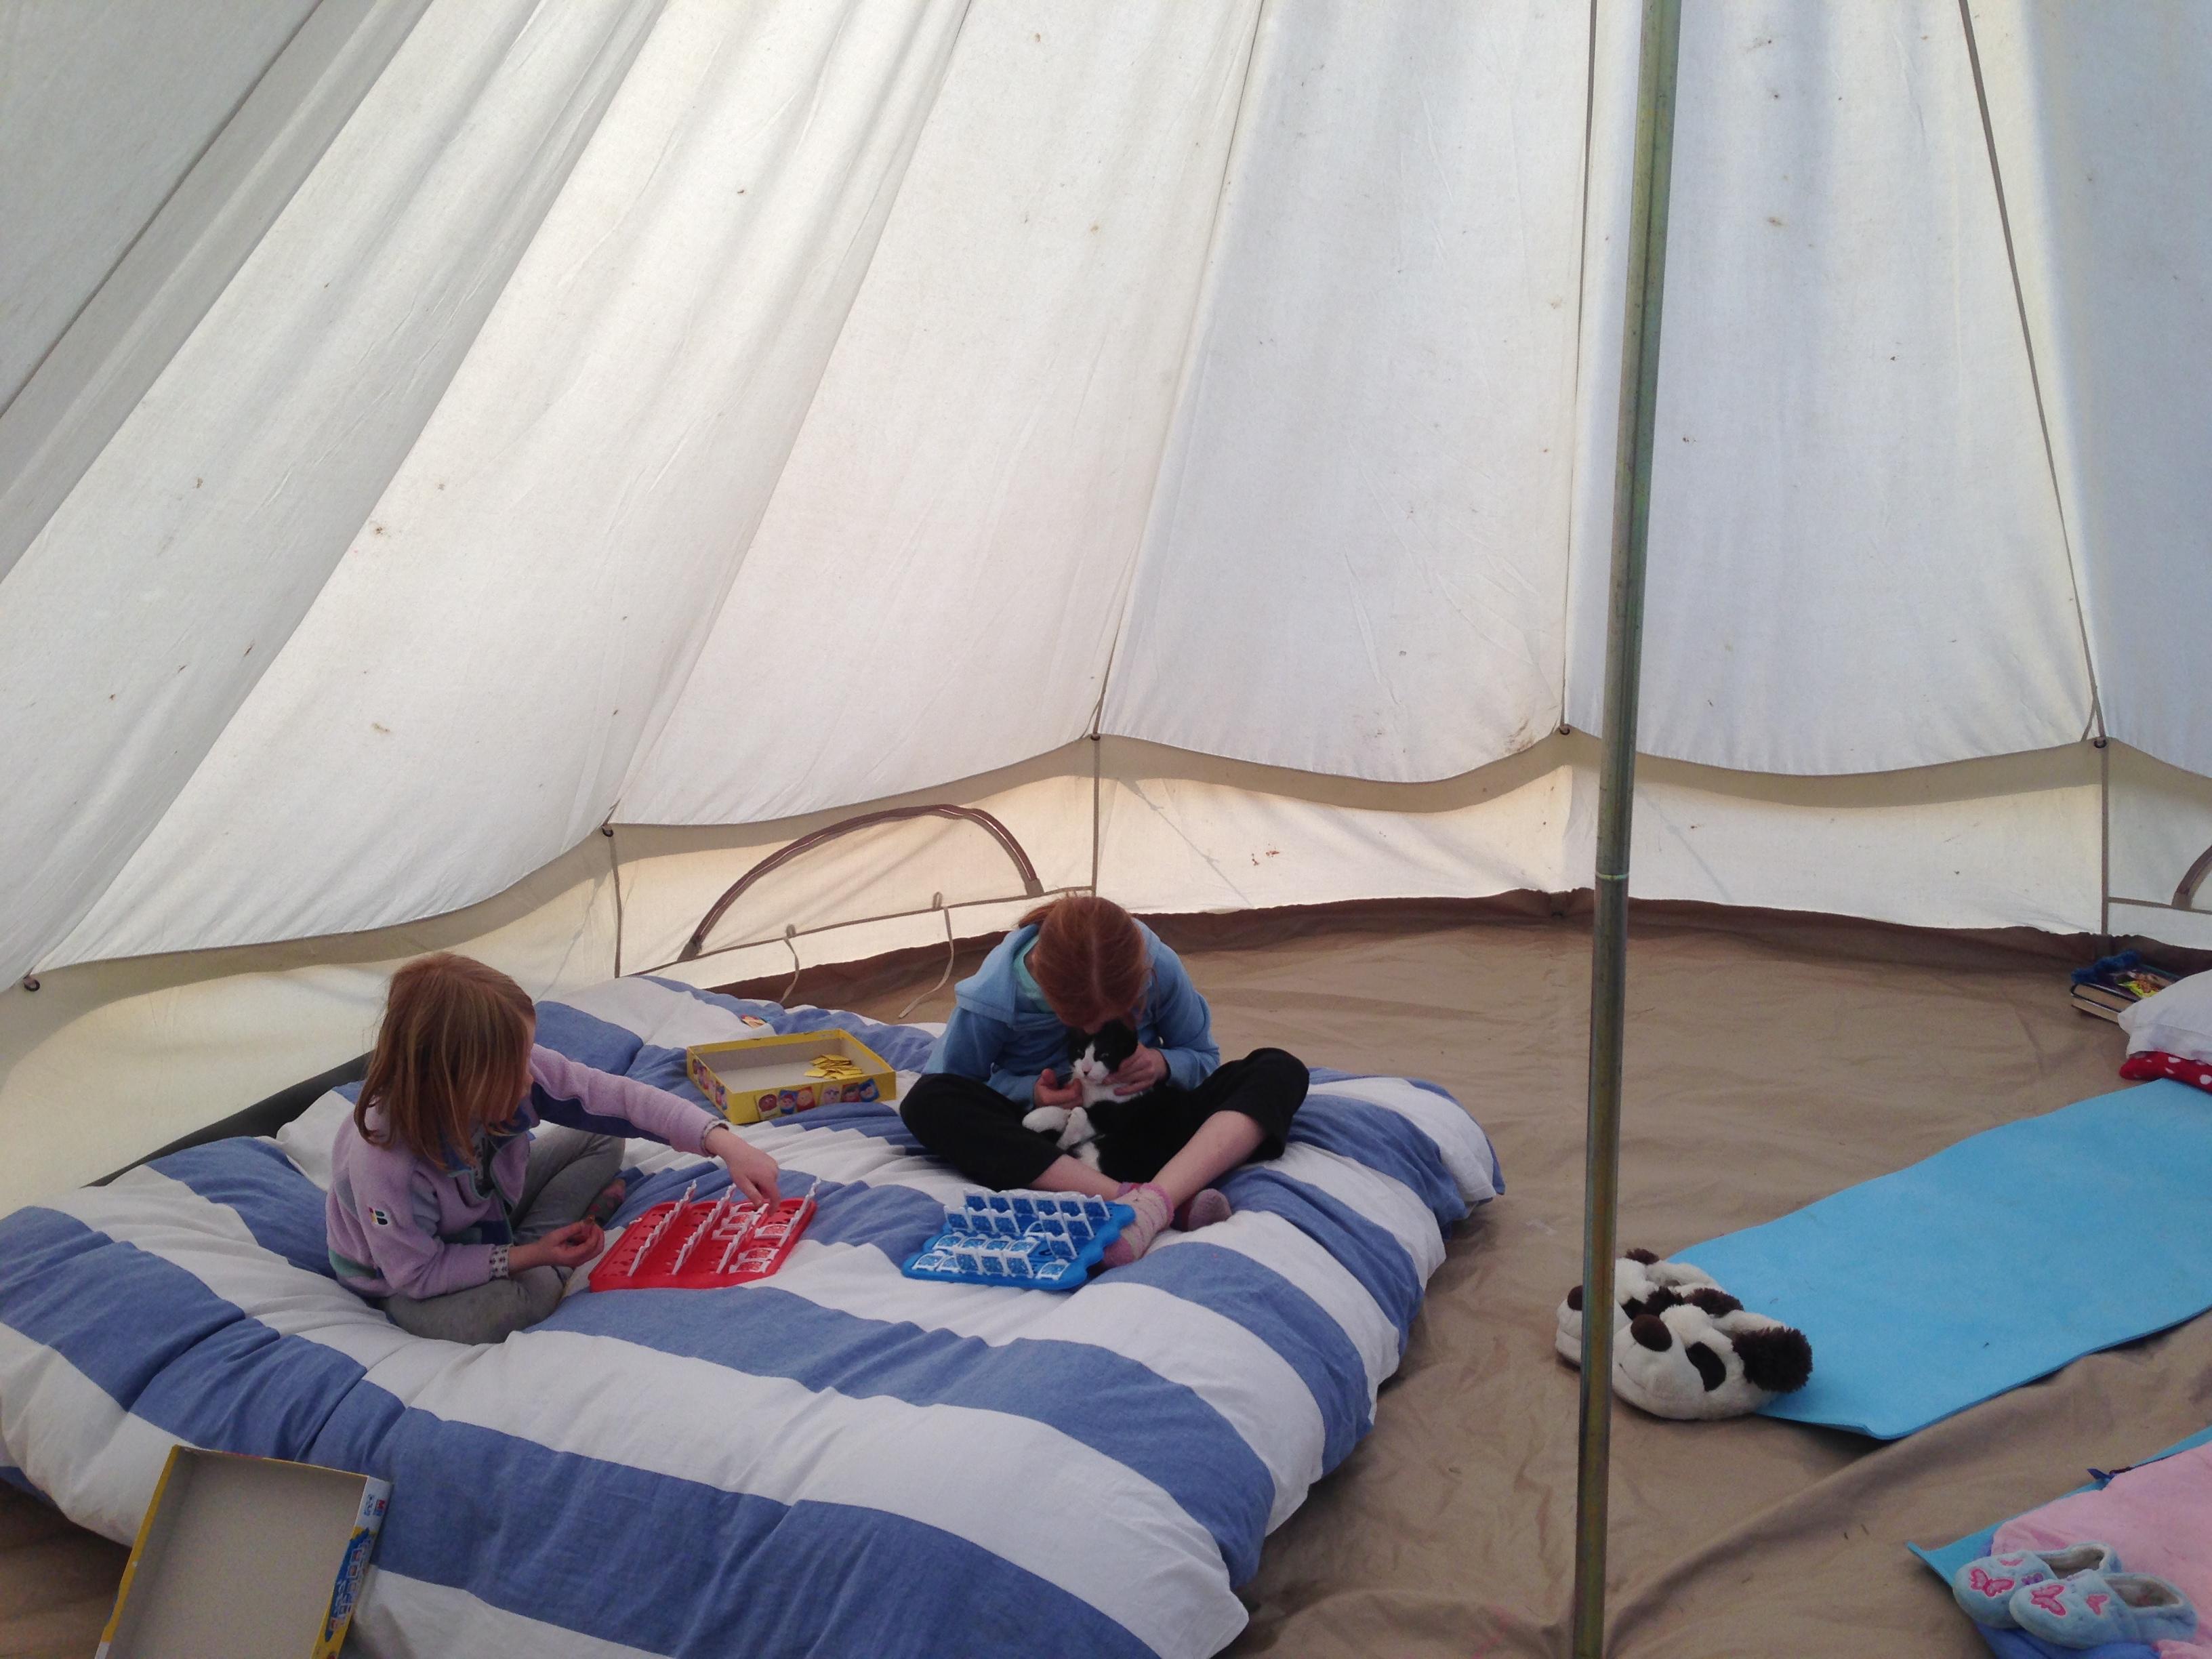 Family Camping trip at Botany camping and glamping near